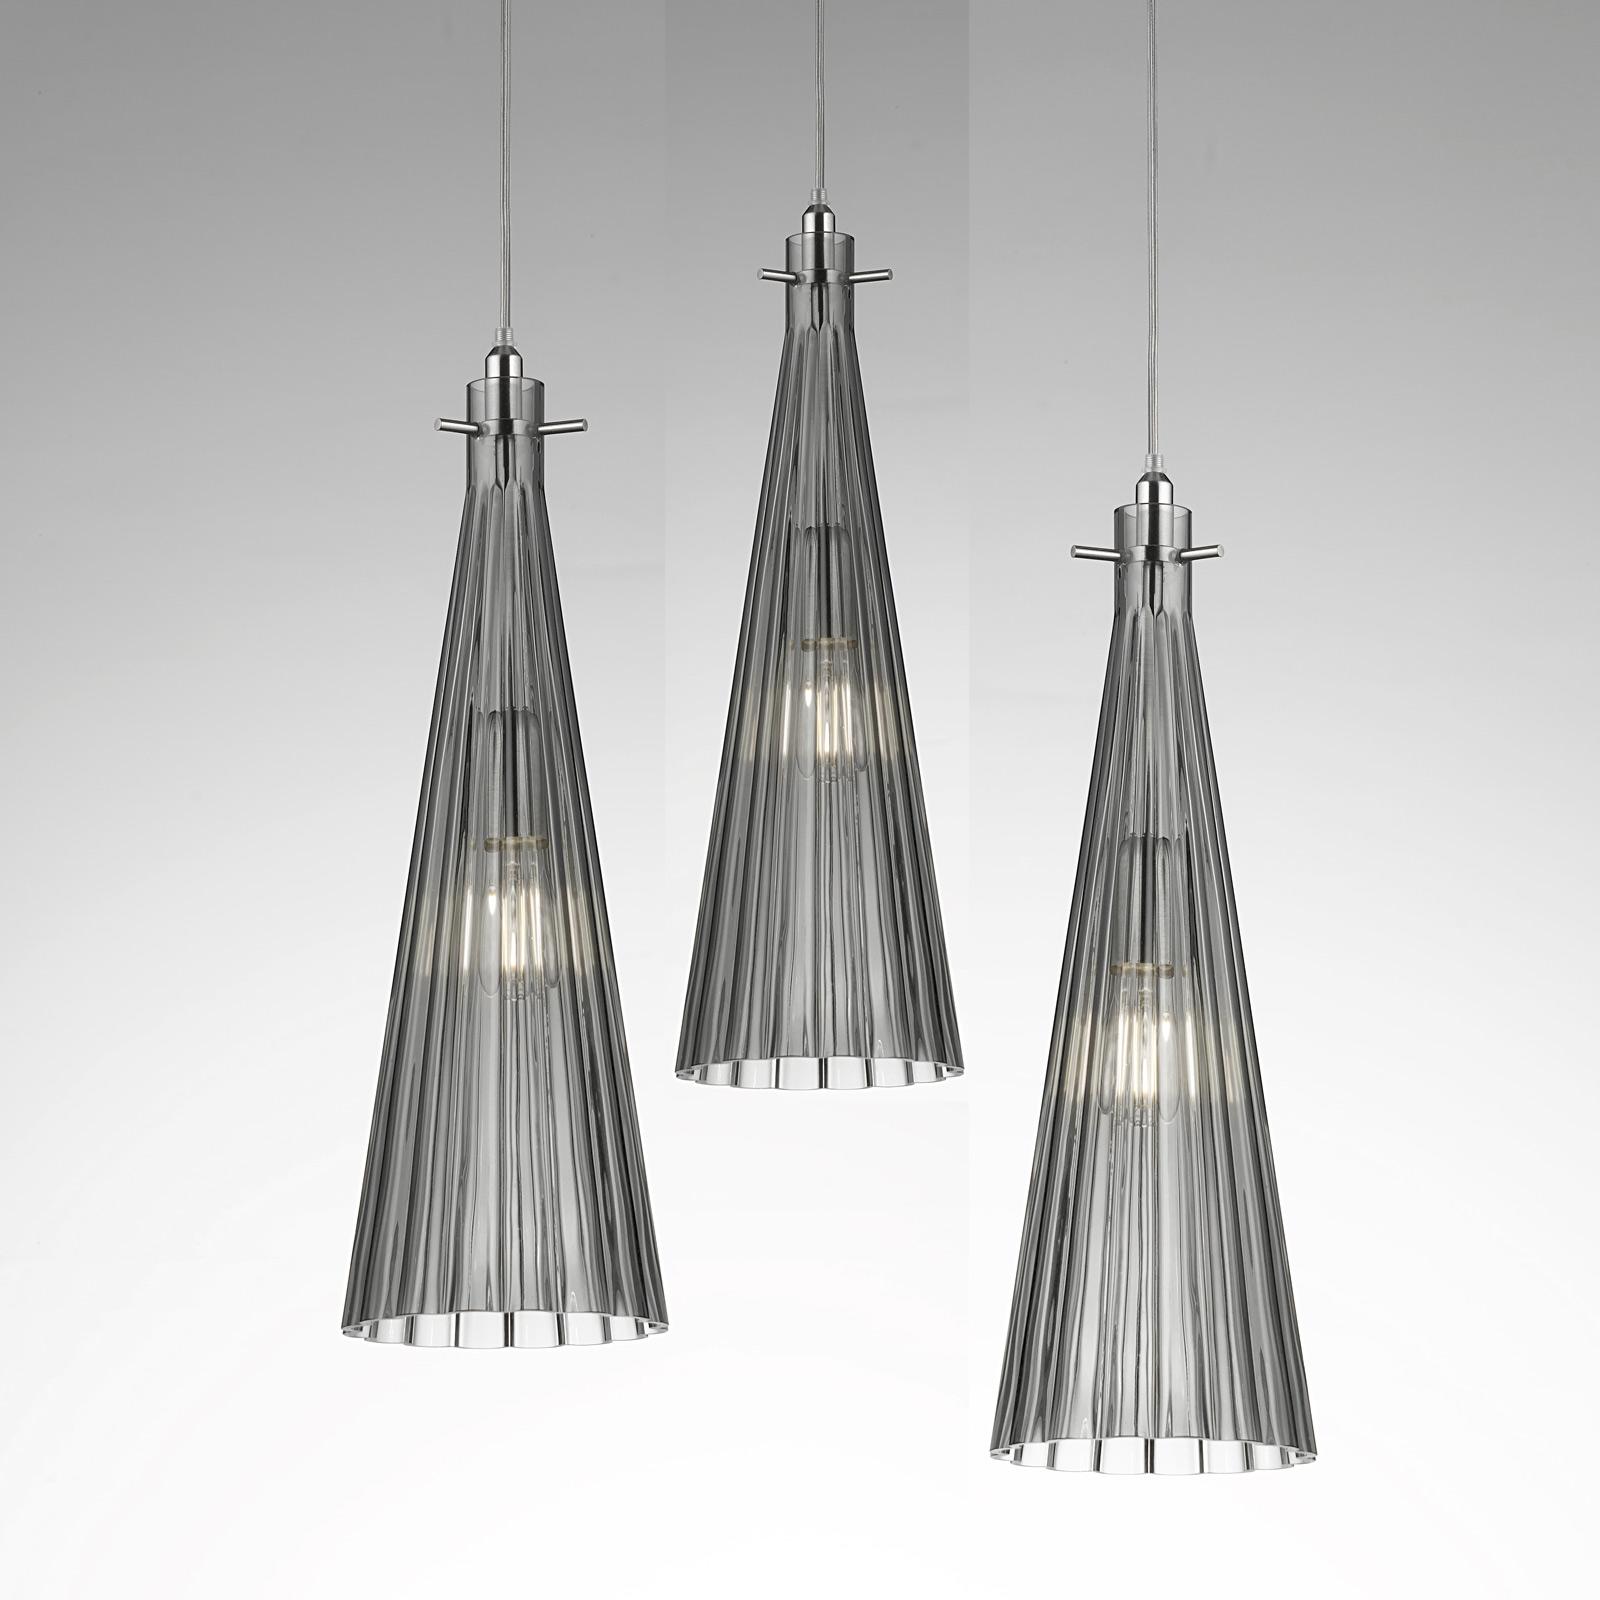 Hanglamp Costa Rica, 3-lamps, grijs